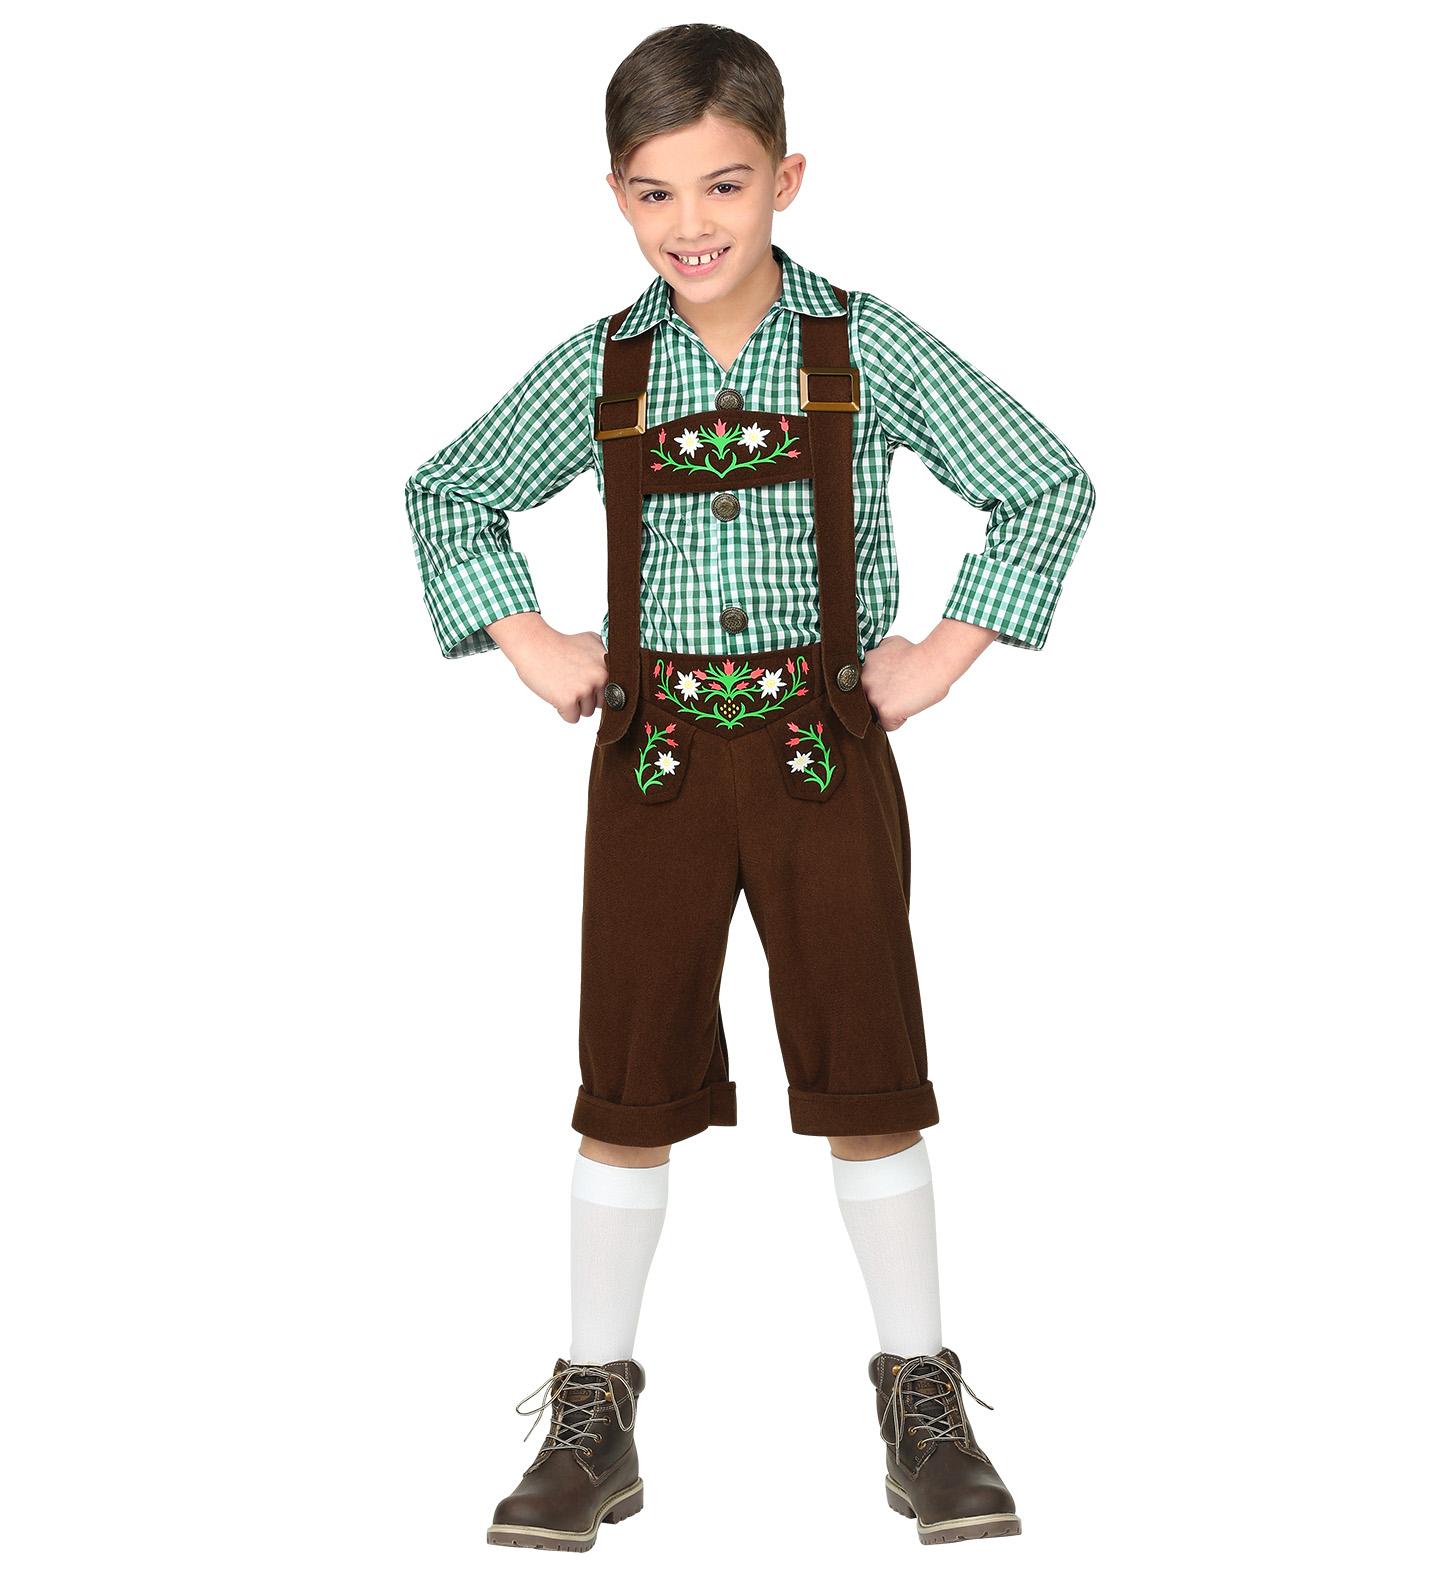 357883c0 Tyroler kostume dreng, flot sæt, bestil idag online ...